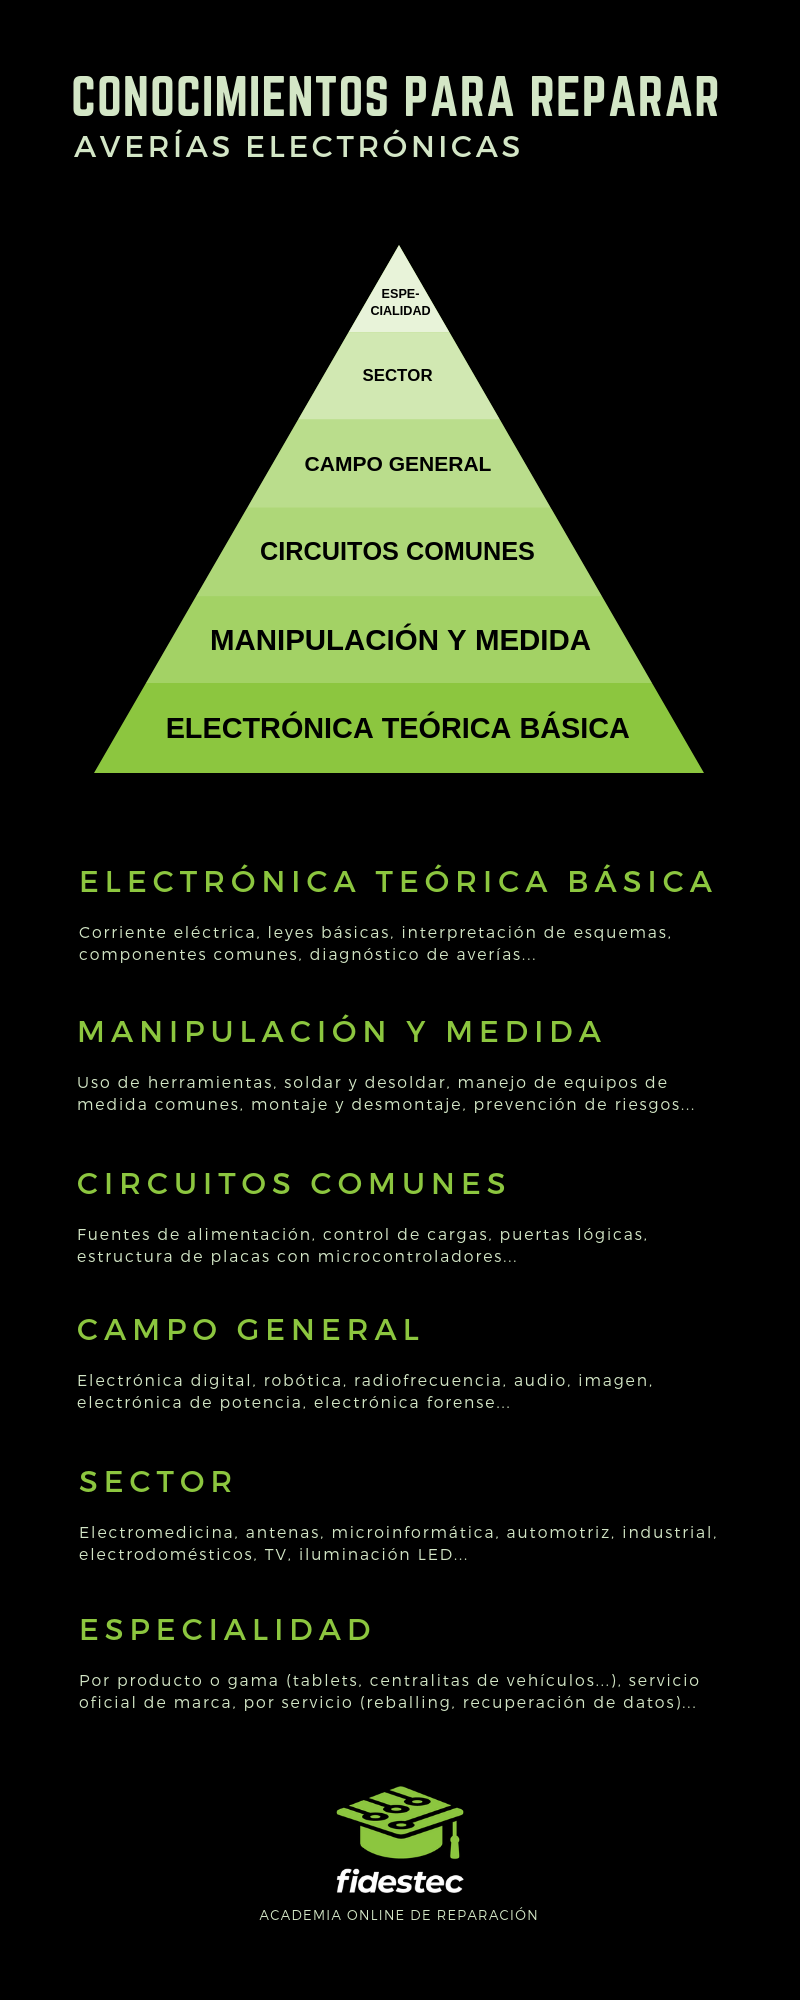 Pirámide sobre los conocimientos para reparar averías electrónicas